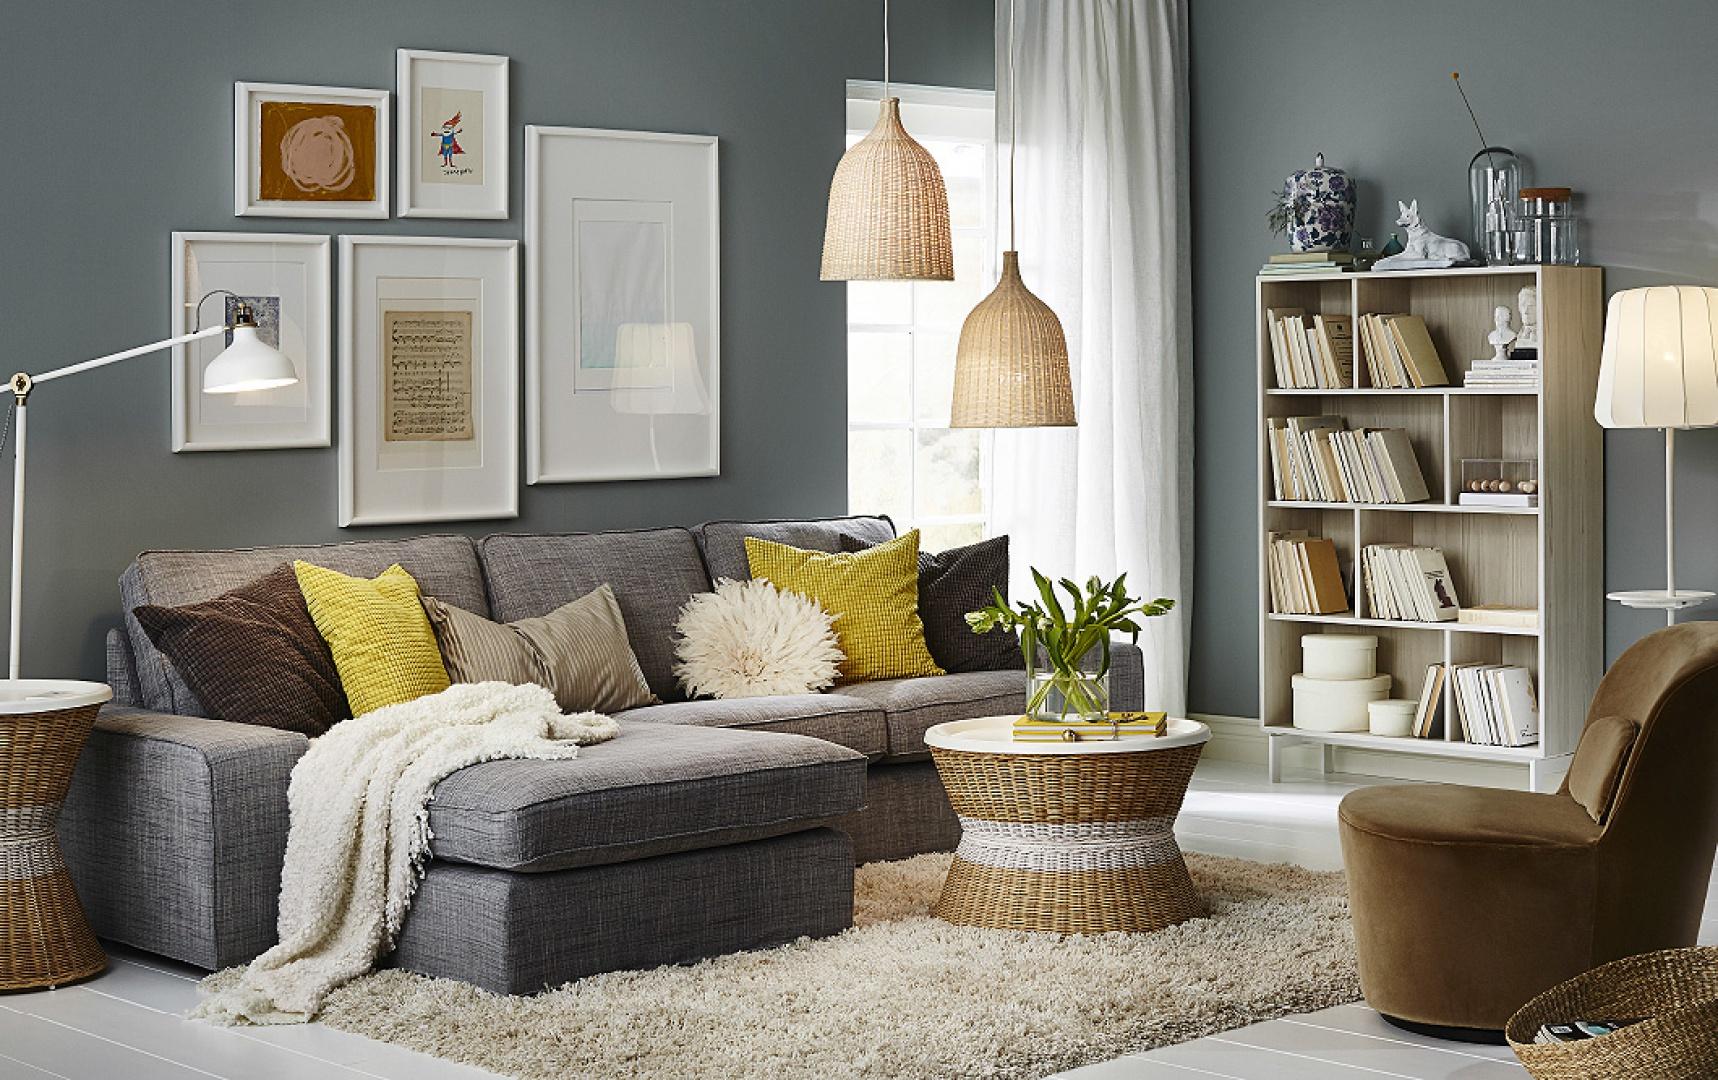 3-osobowa sofa Kivik marki IKEA.  W tkaninie - 2848 zł, IKEA, fot. materiały prasowe